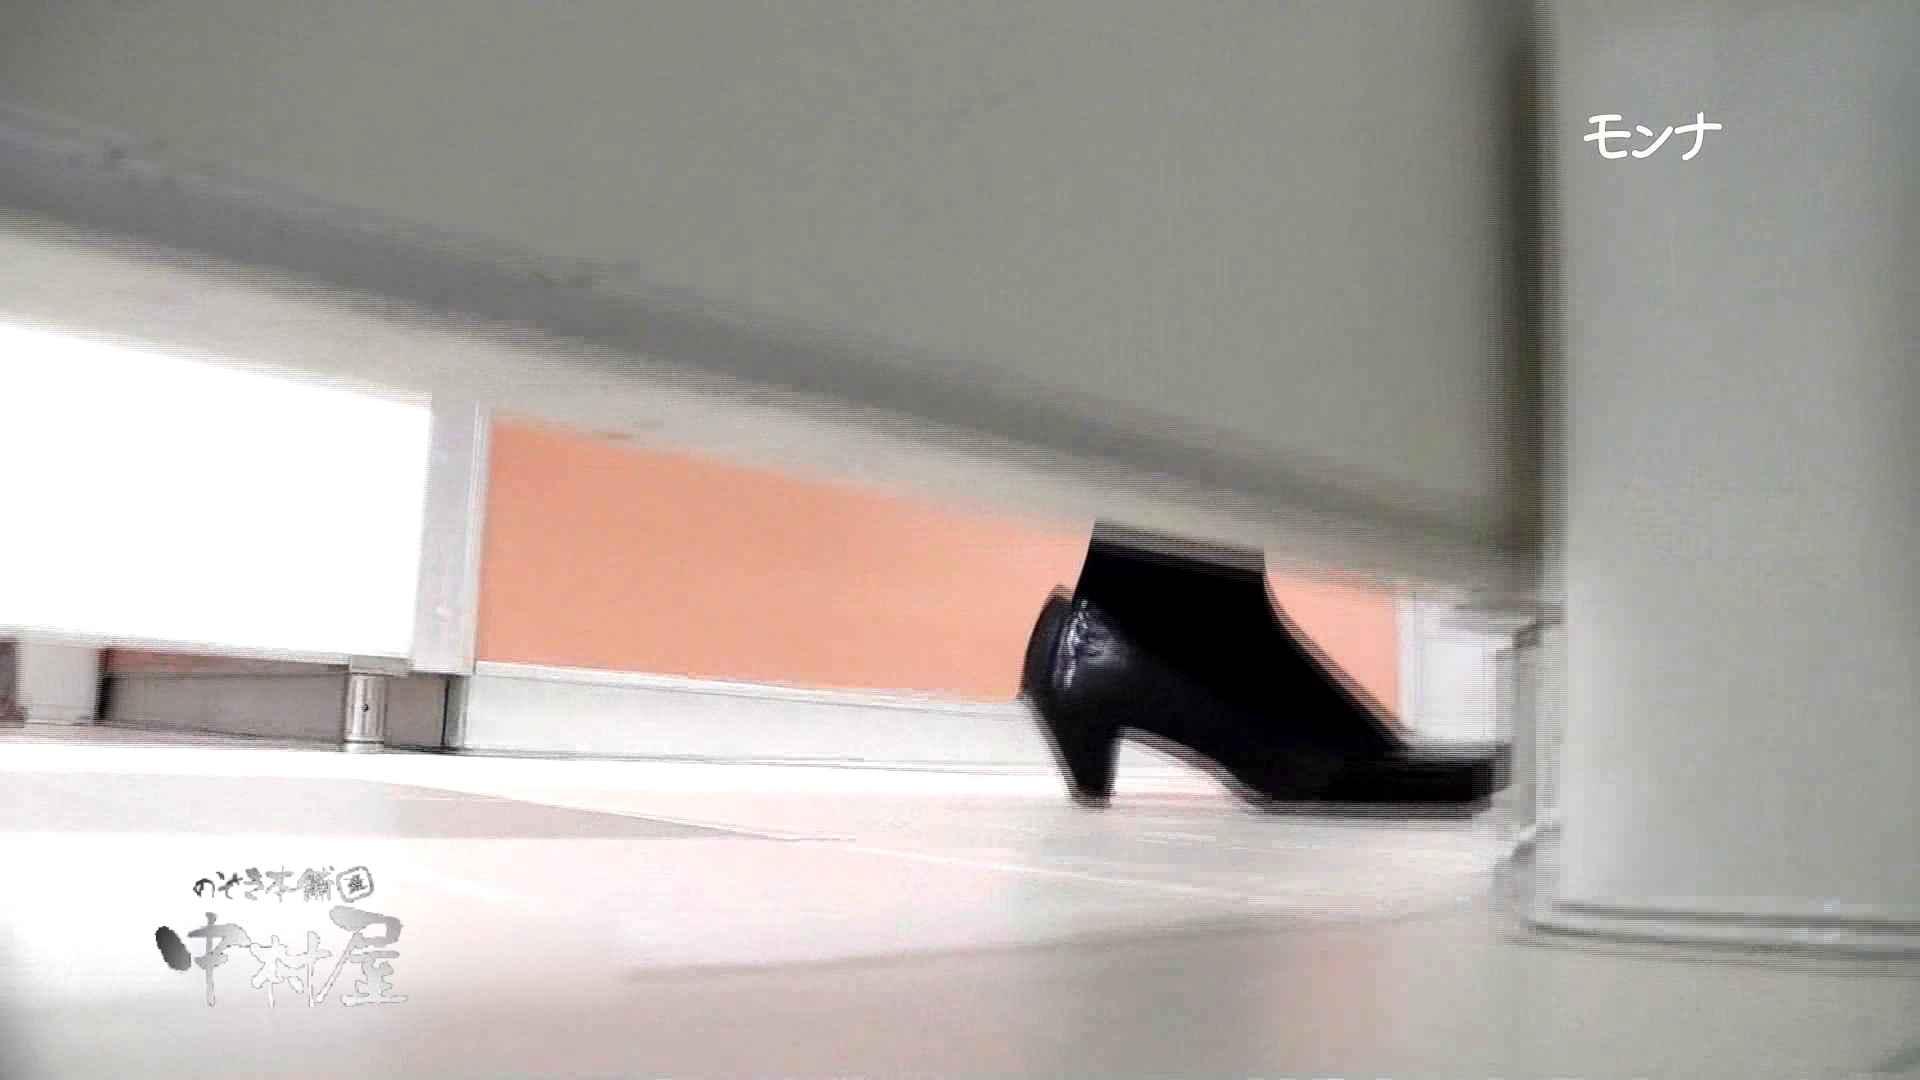 【美しい日本の未来】新学期!!下半身中心に攻めてます美女可愛い女子悪戯盗satuトイレ後編 トイレ流出 | 悪戯  82連発 5